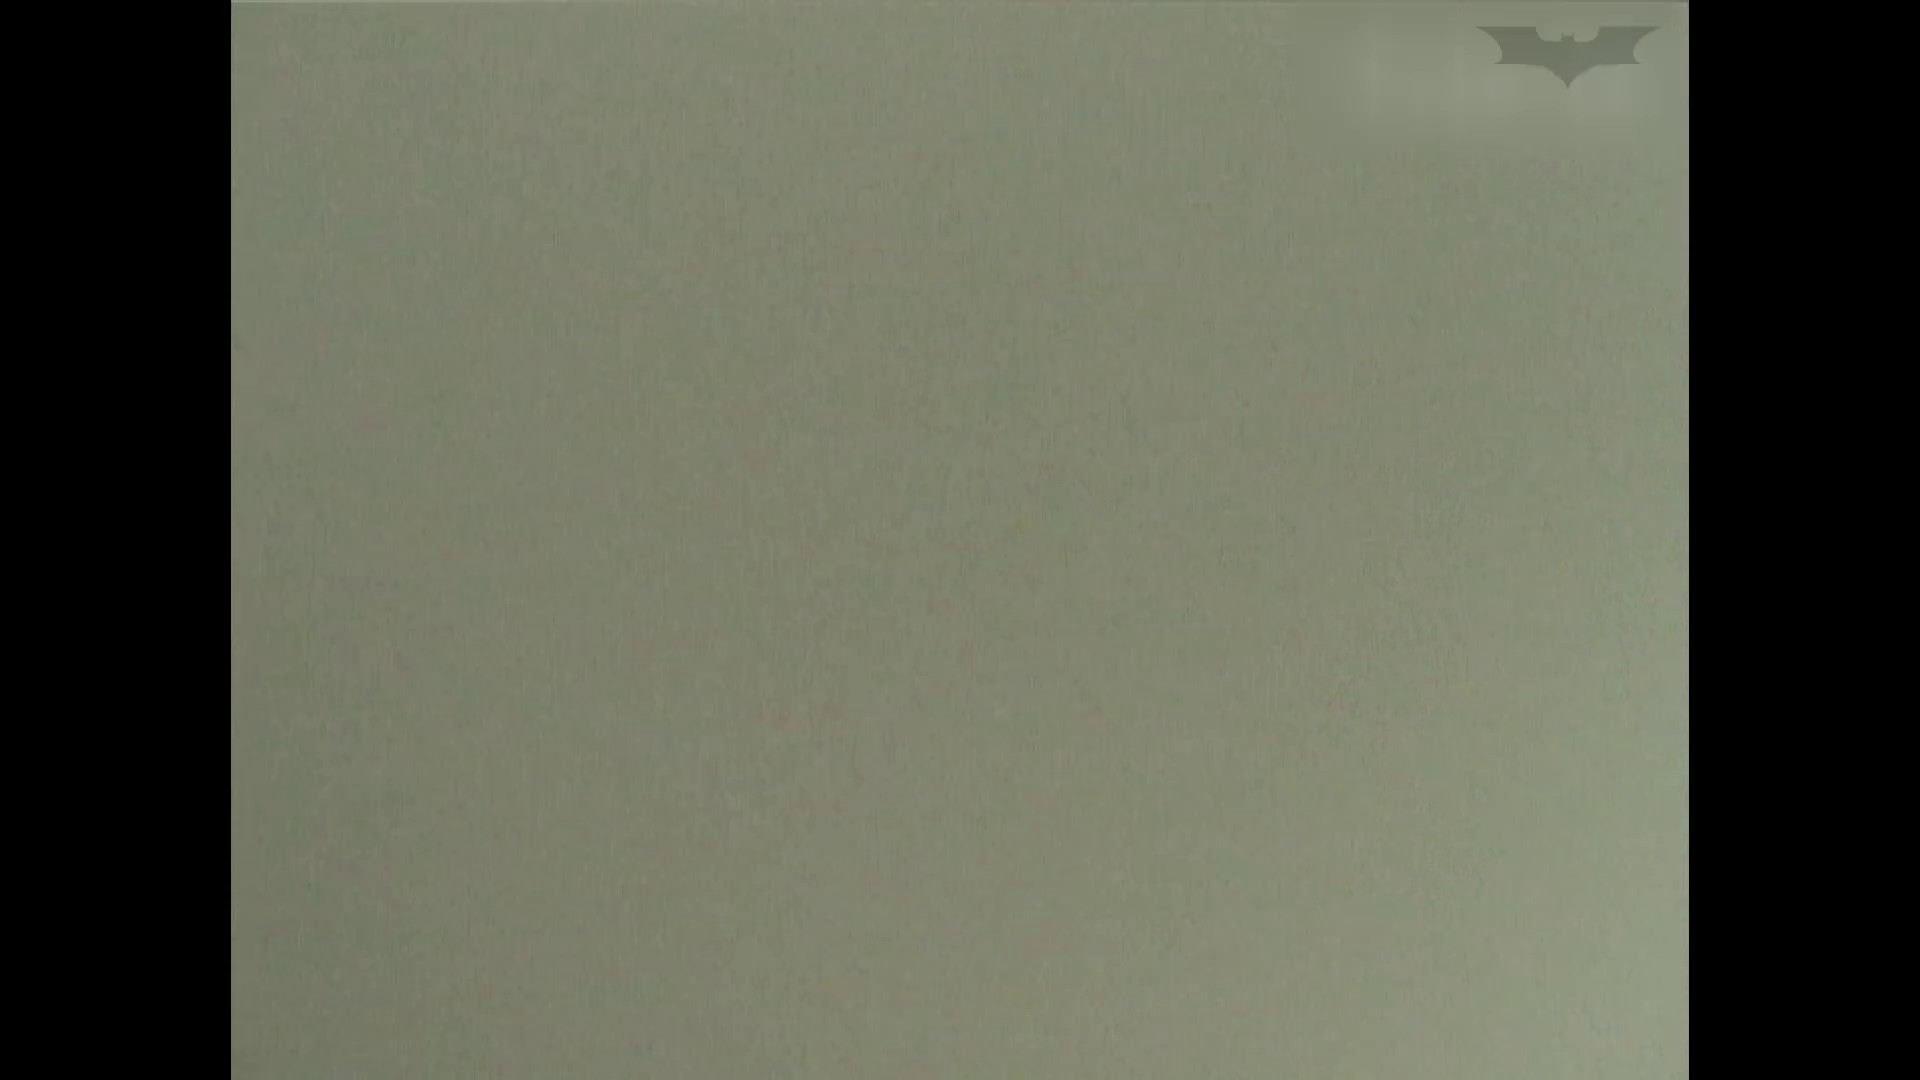 ツルマンから流れるあったかい聖水 期間限定神降臨!ツルピカ聖水! マンコ  102画像 39